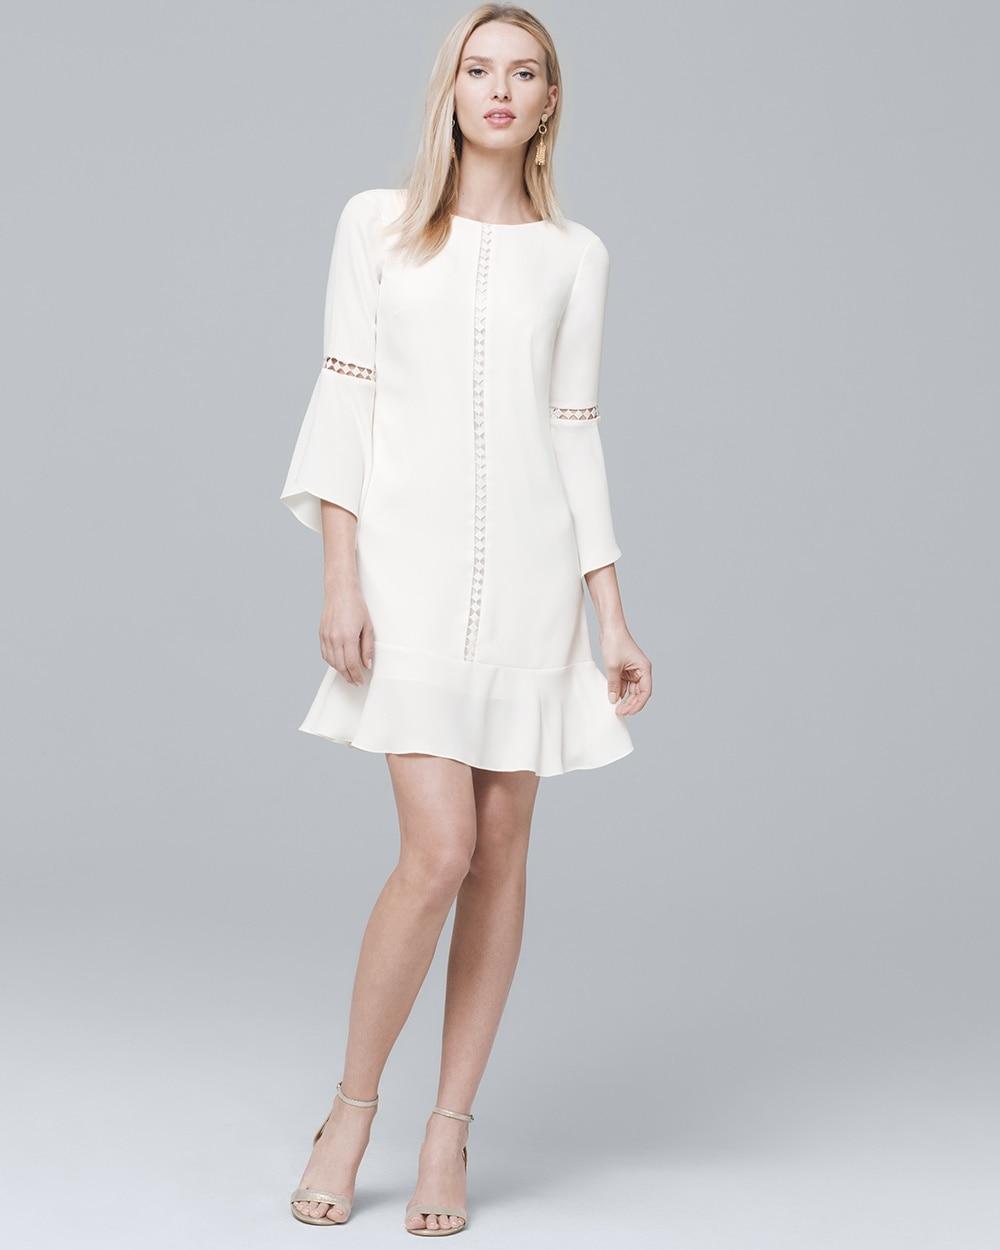 Bell Sleeve White Shift Dress